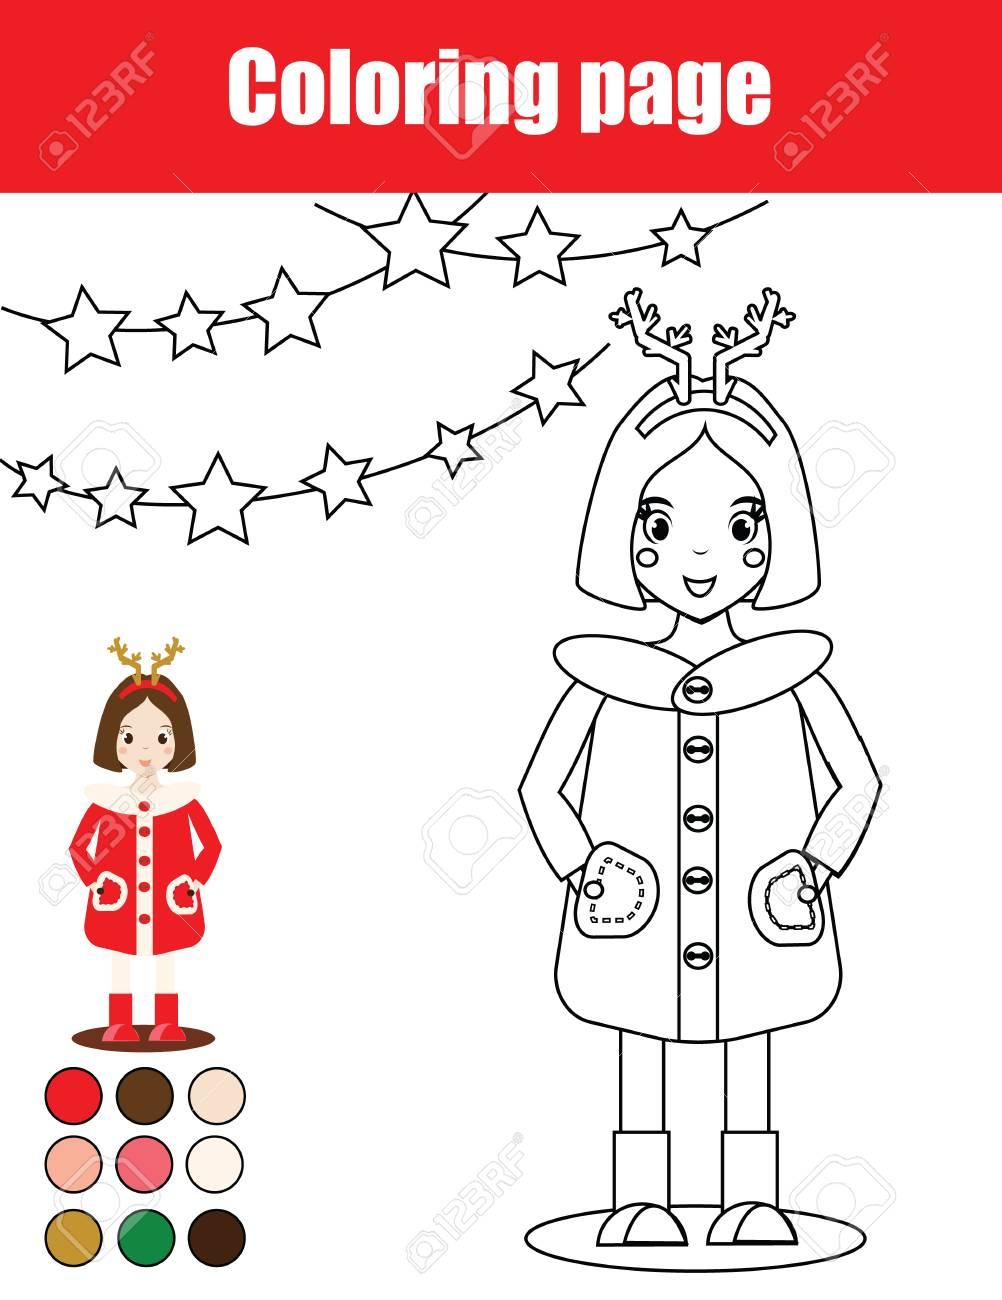 Dibujo Para Colorear Con La Chica De Niño Juego De Los Niños De Educación Actividad De Dibujo Hoja De Trabajo Imprimible Navidad Vacaciones De